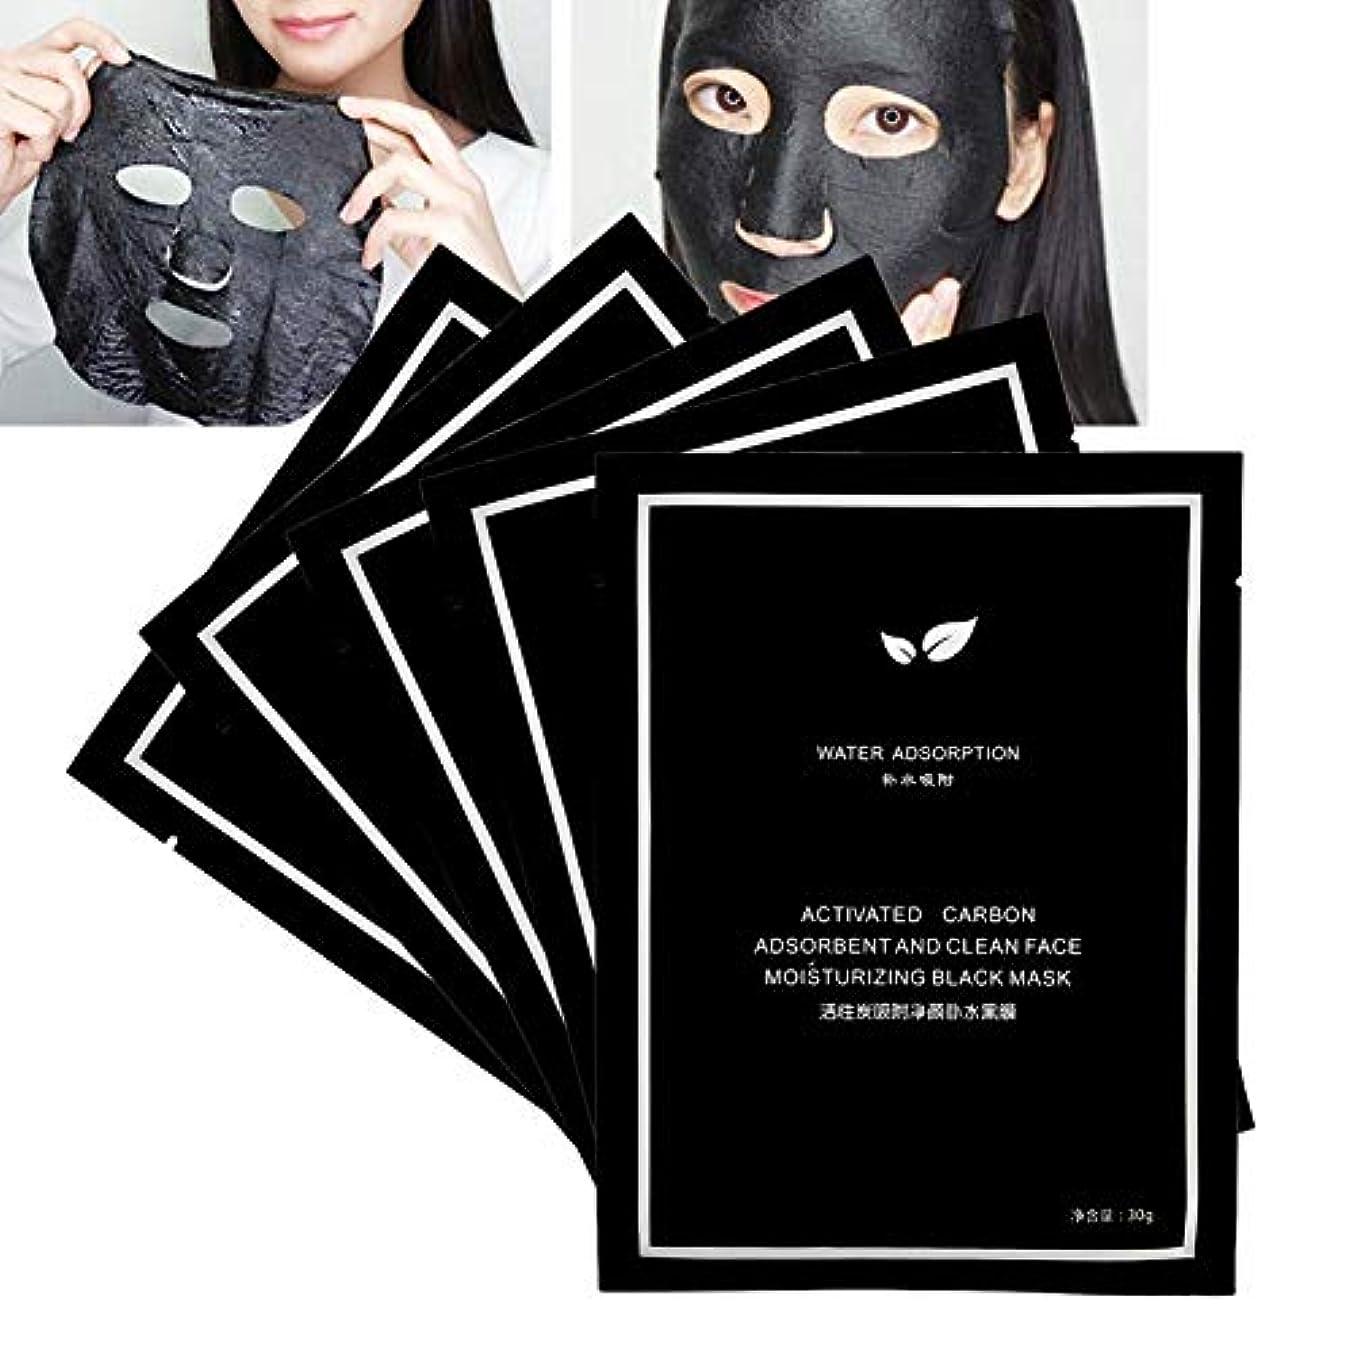 厳密に作曲家雑草5枚セット 活性炭マスク 保湿 フェイスブラックマスク オイルコントロールブラックヘッドの除去汚れ除去スキンケア